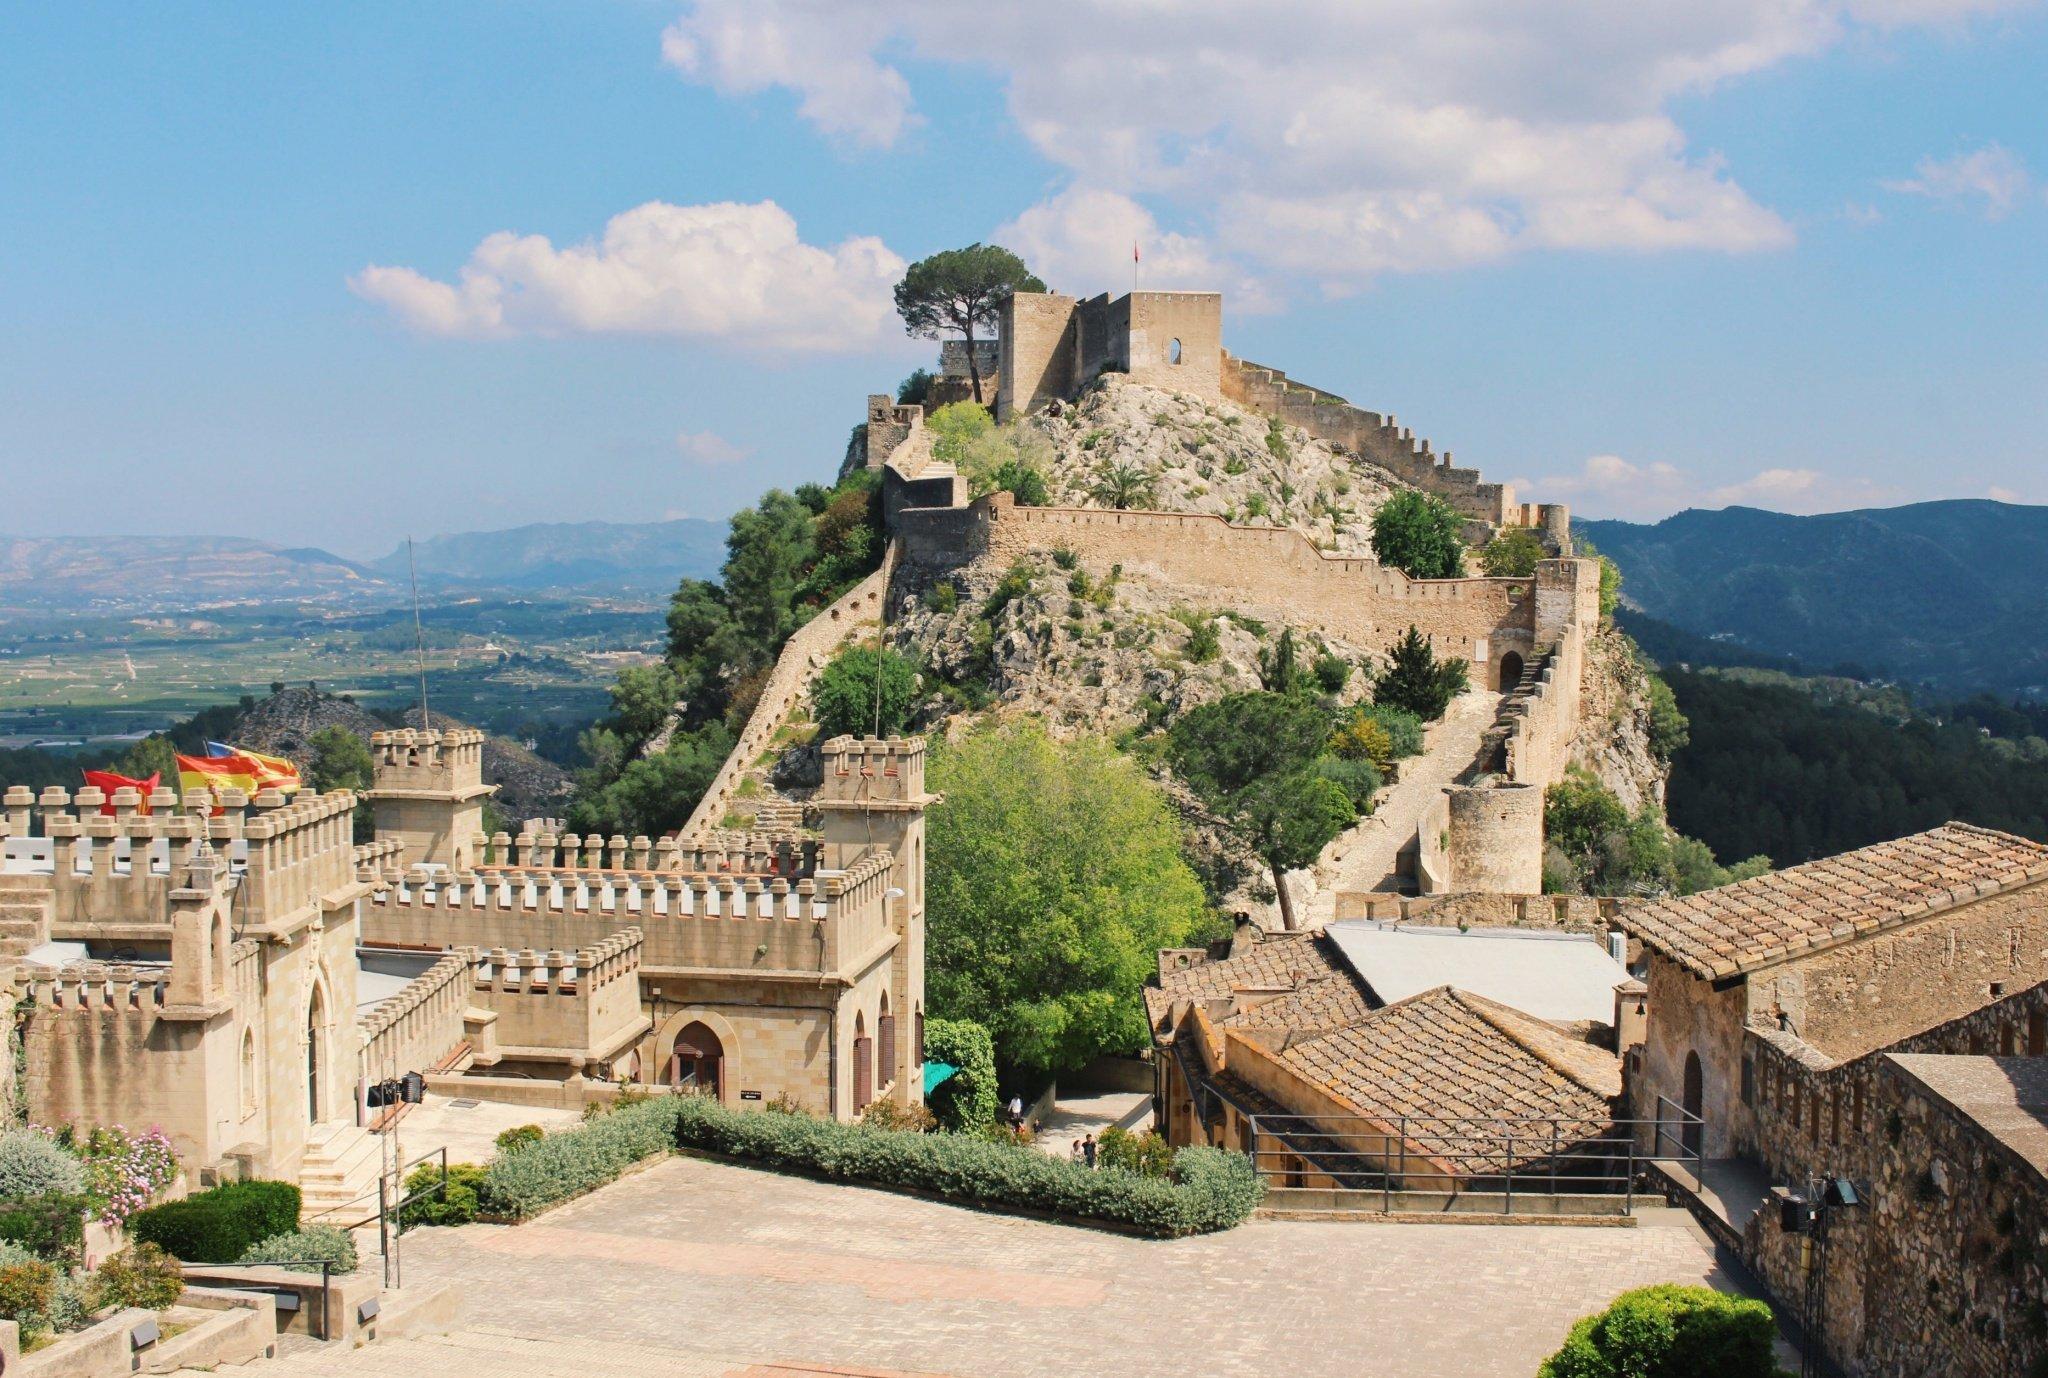 The Jativa Castle near Valencia, Spain